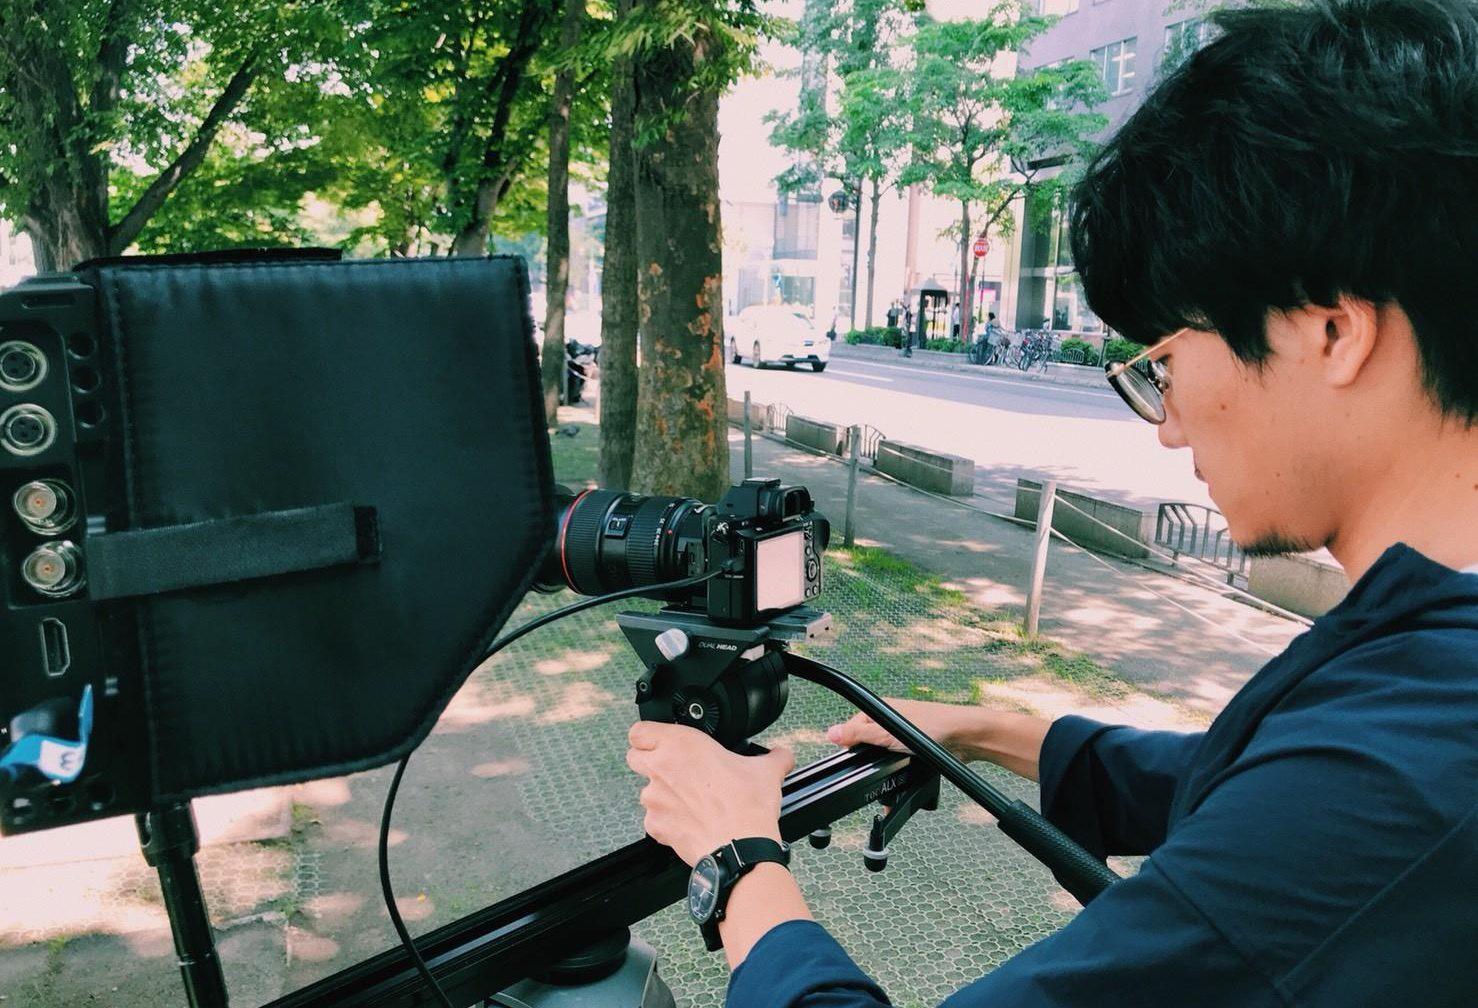 撮像素子のサイズ比較「スーパー35mm」が業界のスタンダード 【デジタルカメラの基礎講座(第5回)】